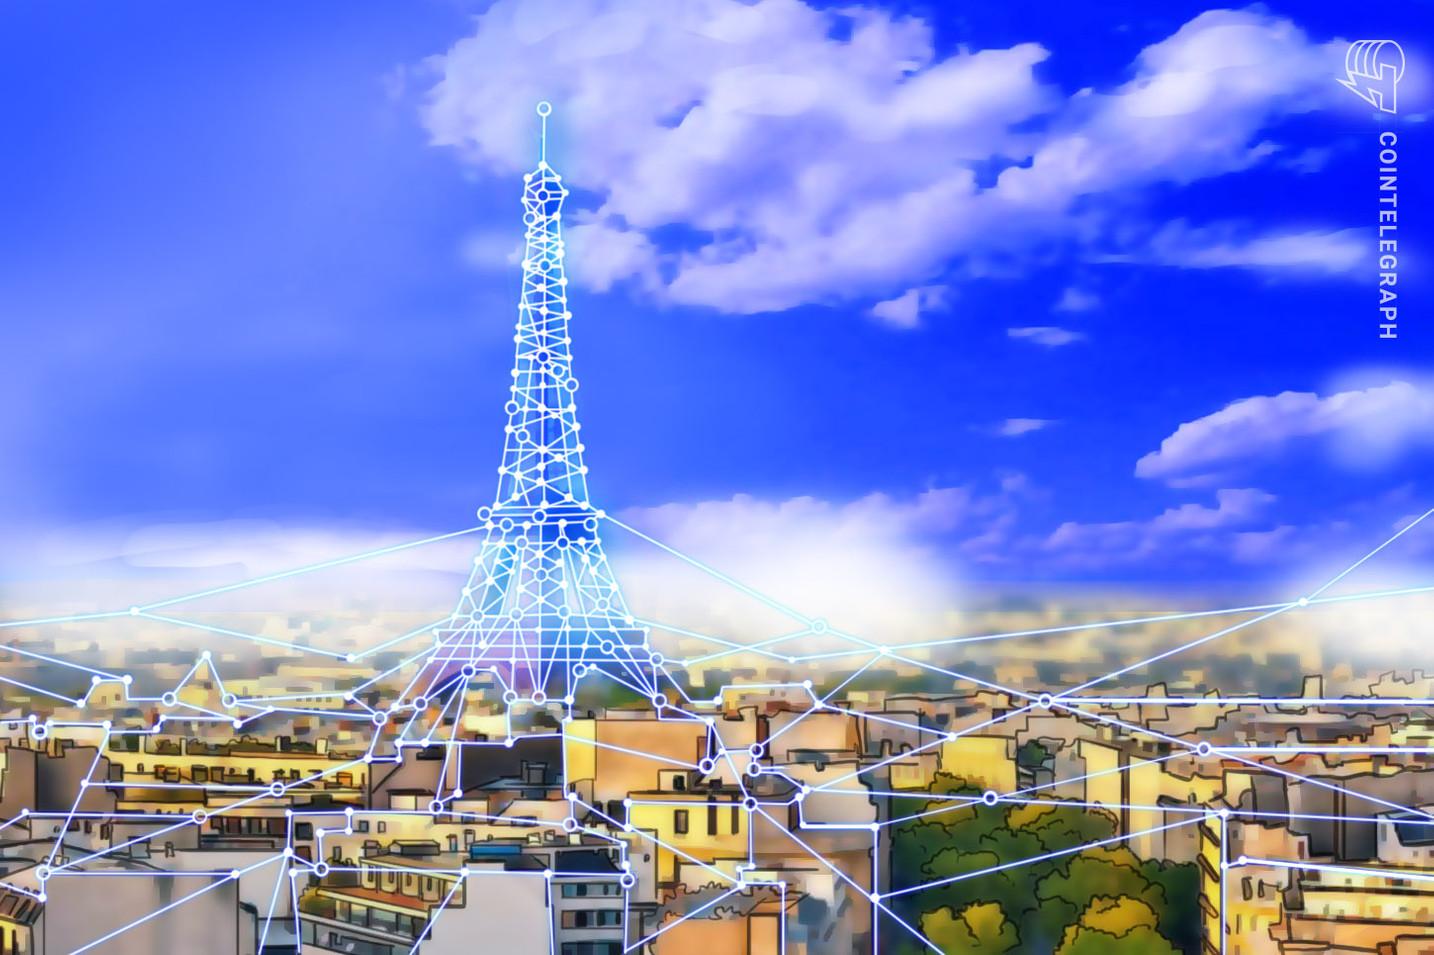 Il parlamento francese ha proposto l'investimento di 500 milioni di euro per lo sviluppo della blockchain nel paese